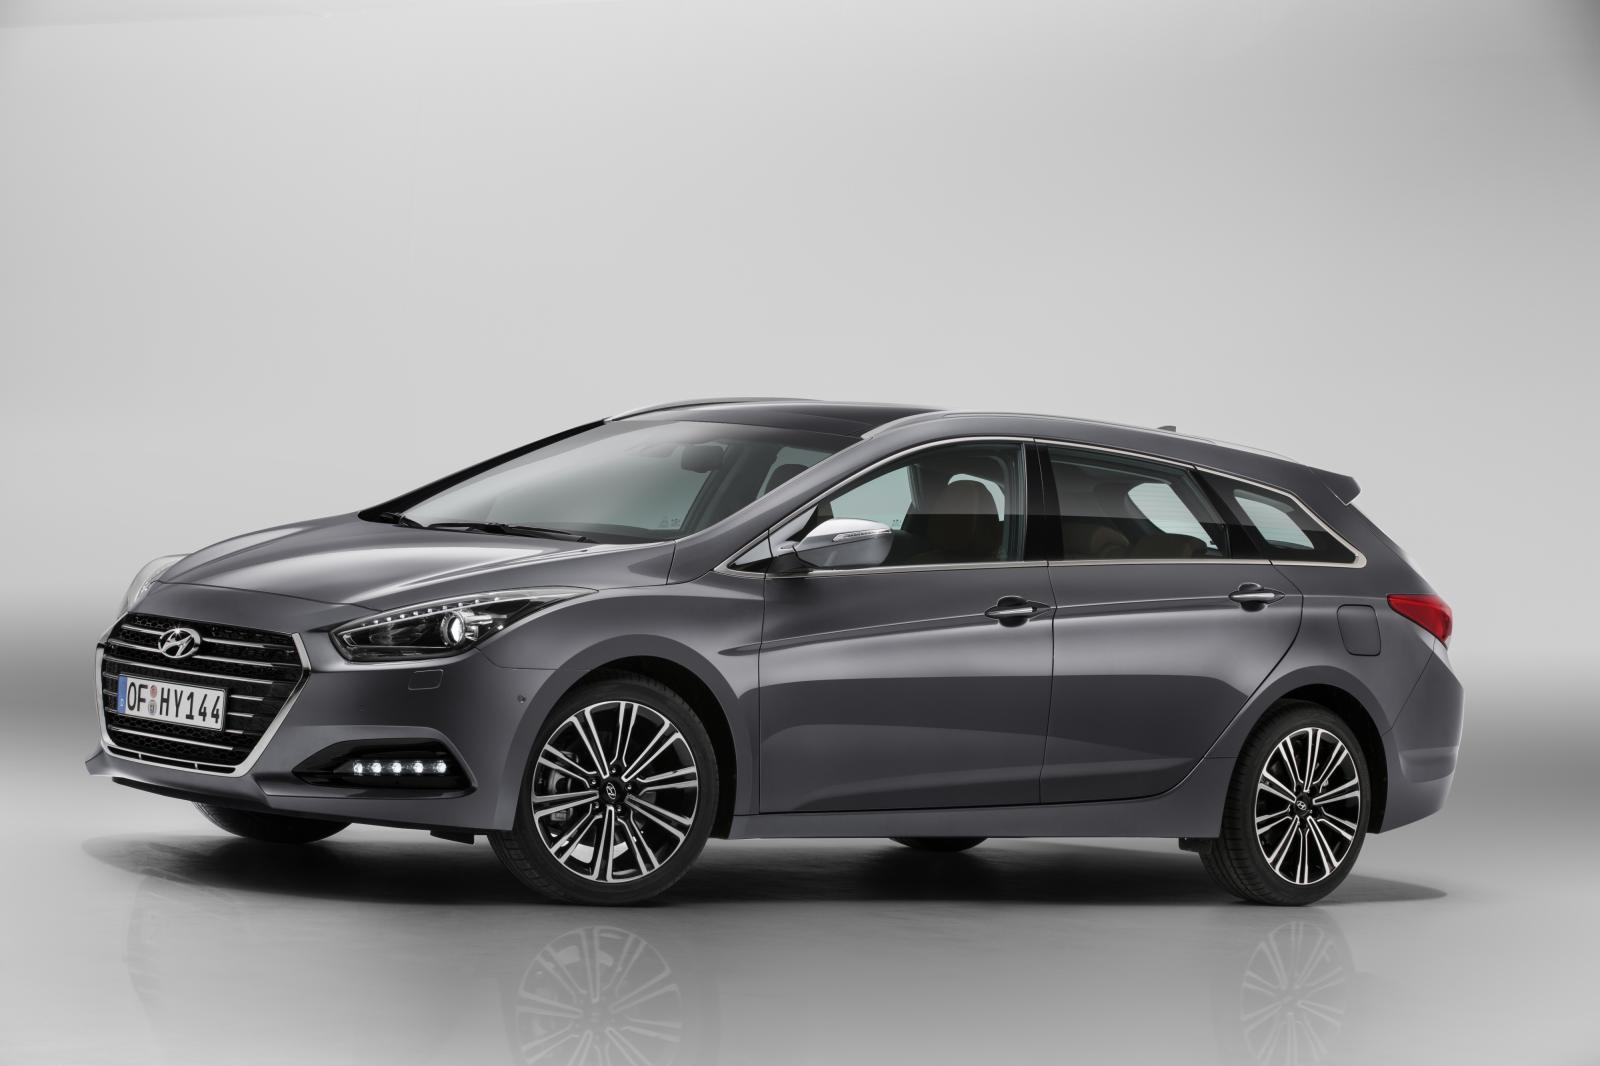 Nuova Hyundai i40 2015, berlina e wagon: motori e caratteristiche